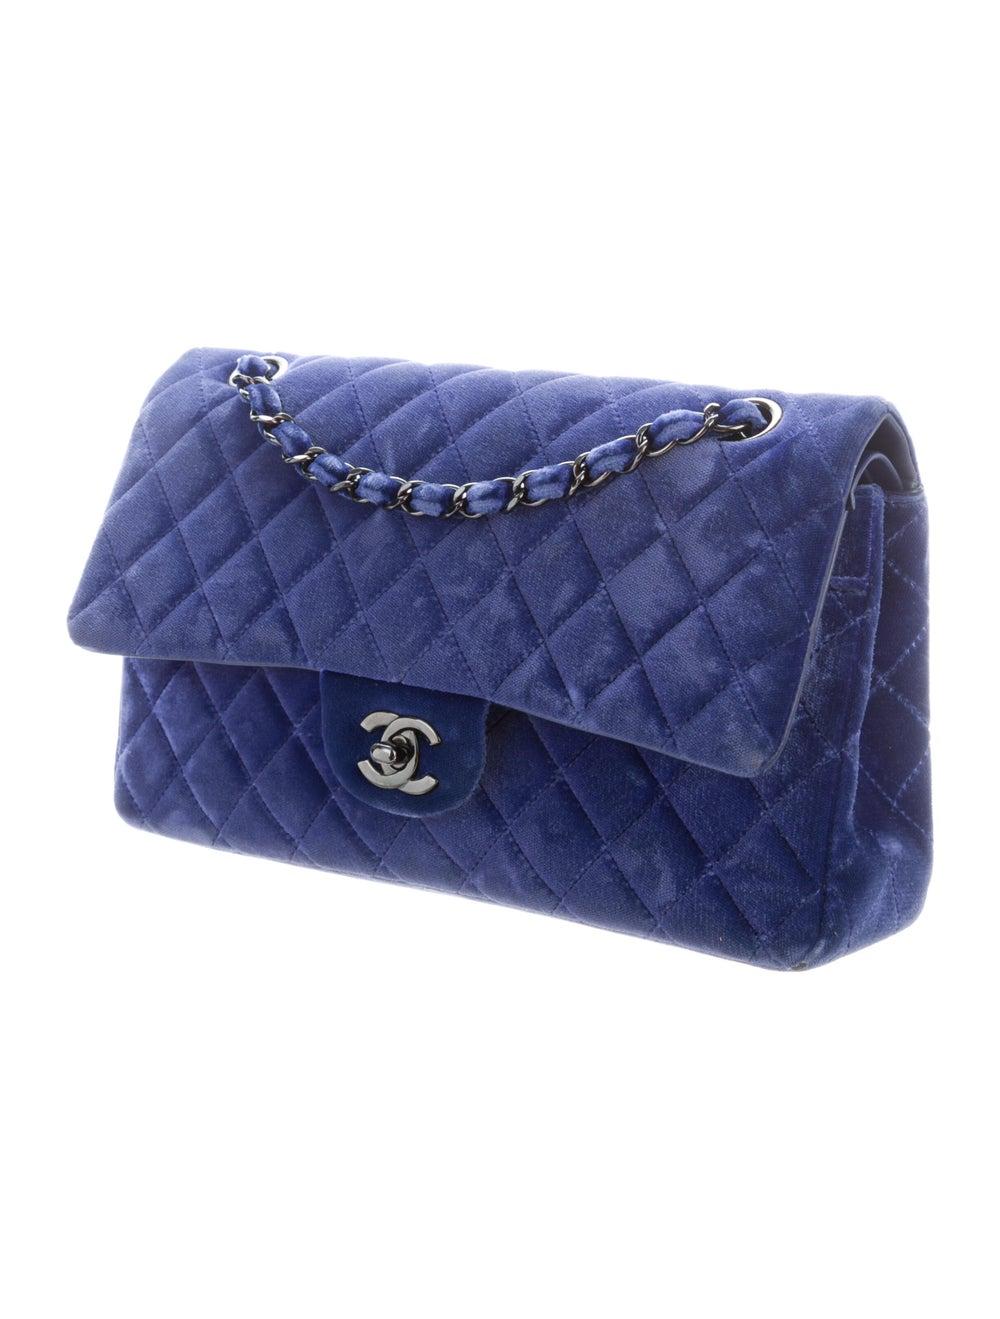 Chanel Velvet Medium Double Flap Bag Blue - image 3